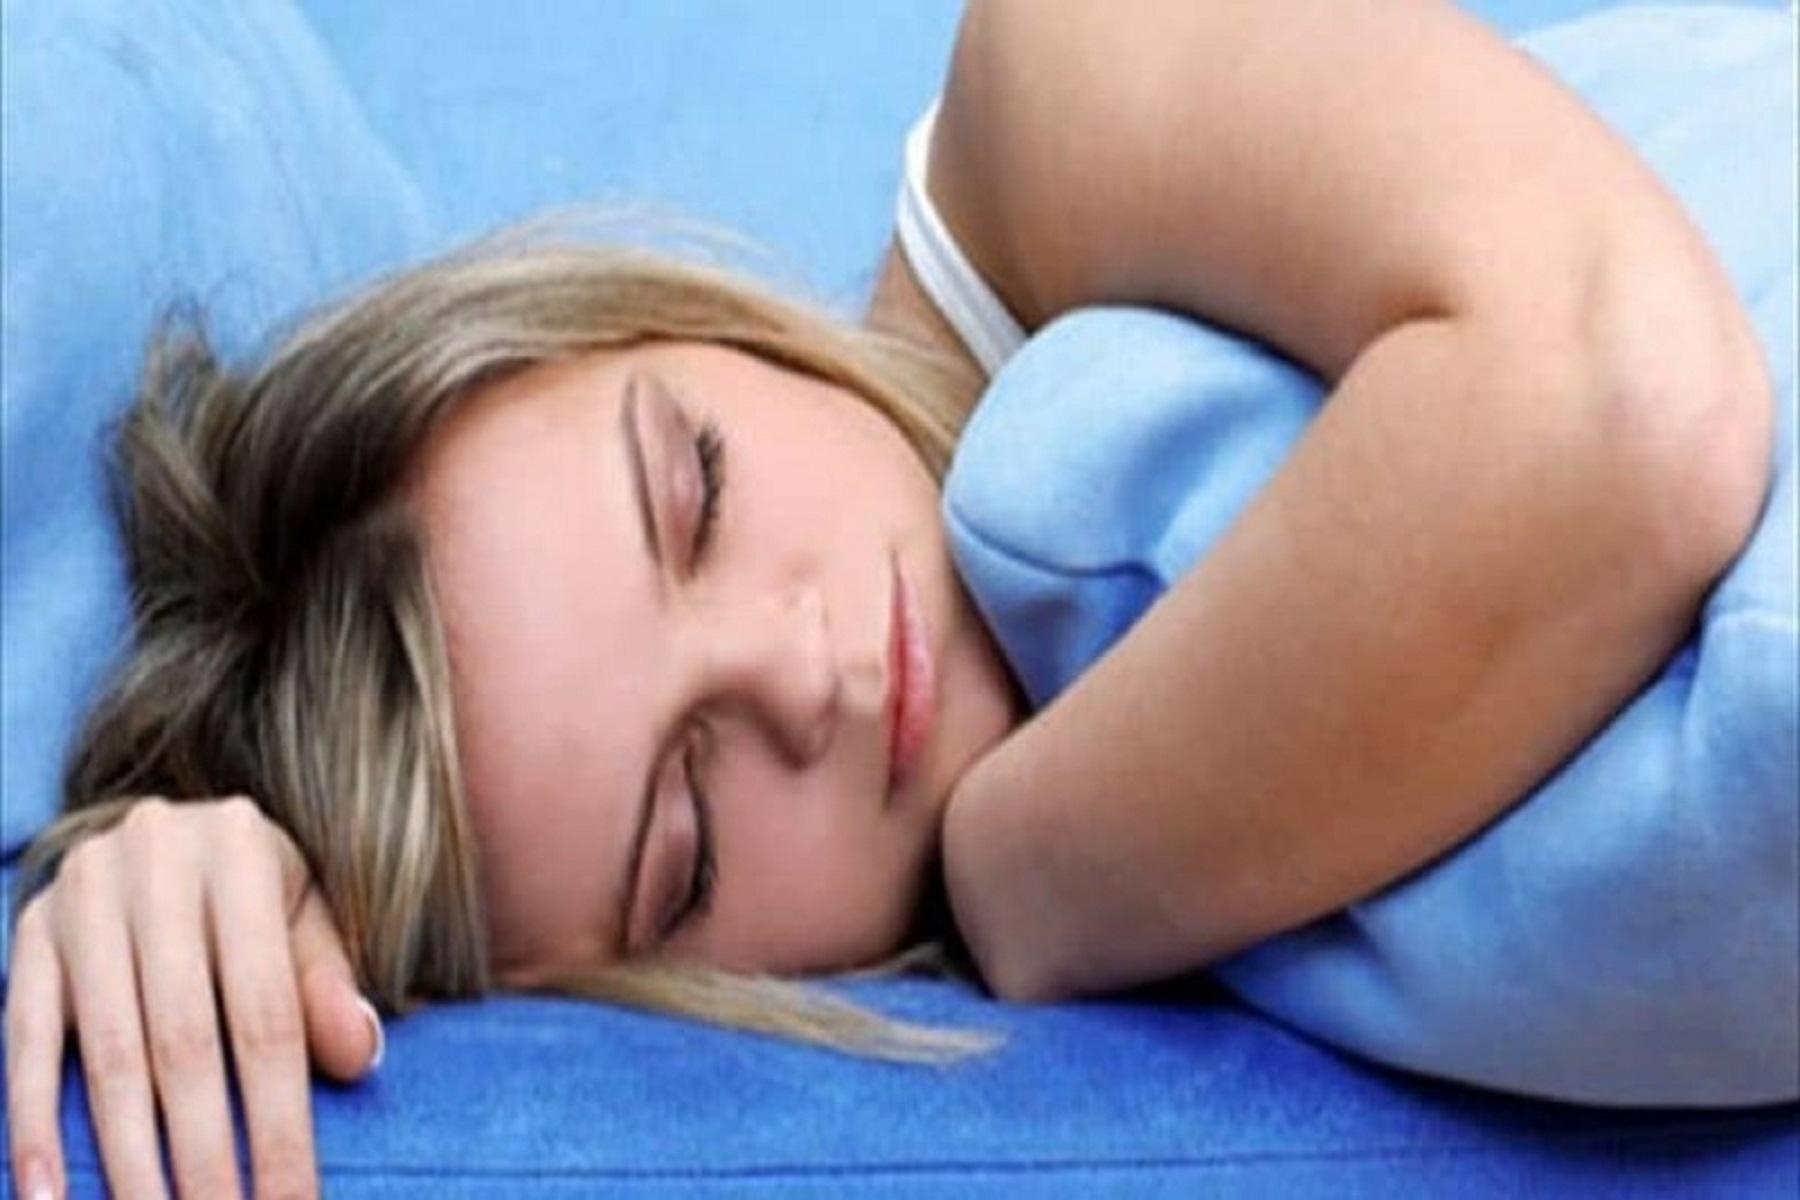 Ύπνος Διαταραχές: Παράξενα πράγματα που μπορεί να κάνετε όσο κοιμάστε